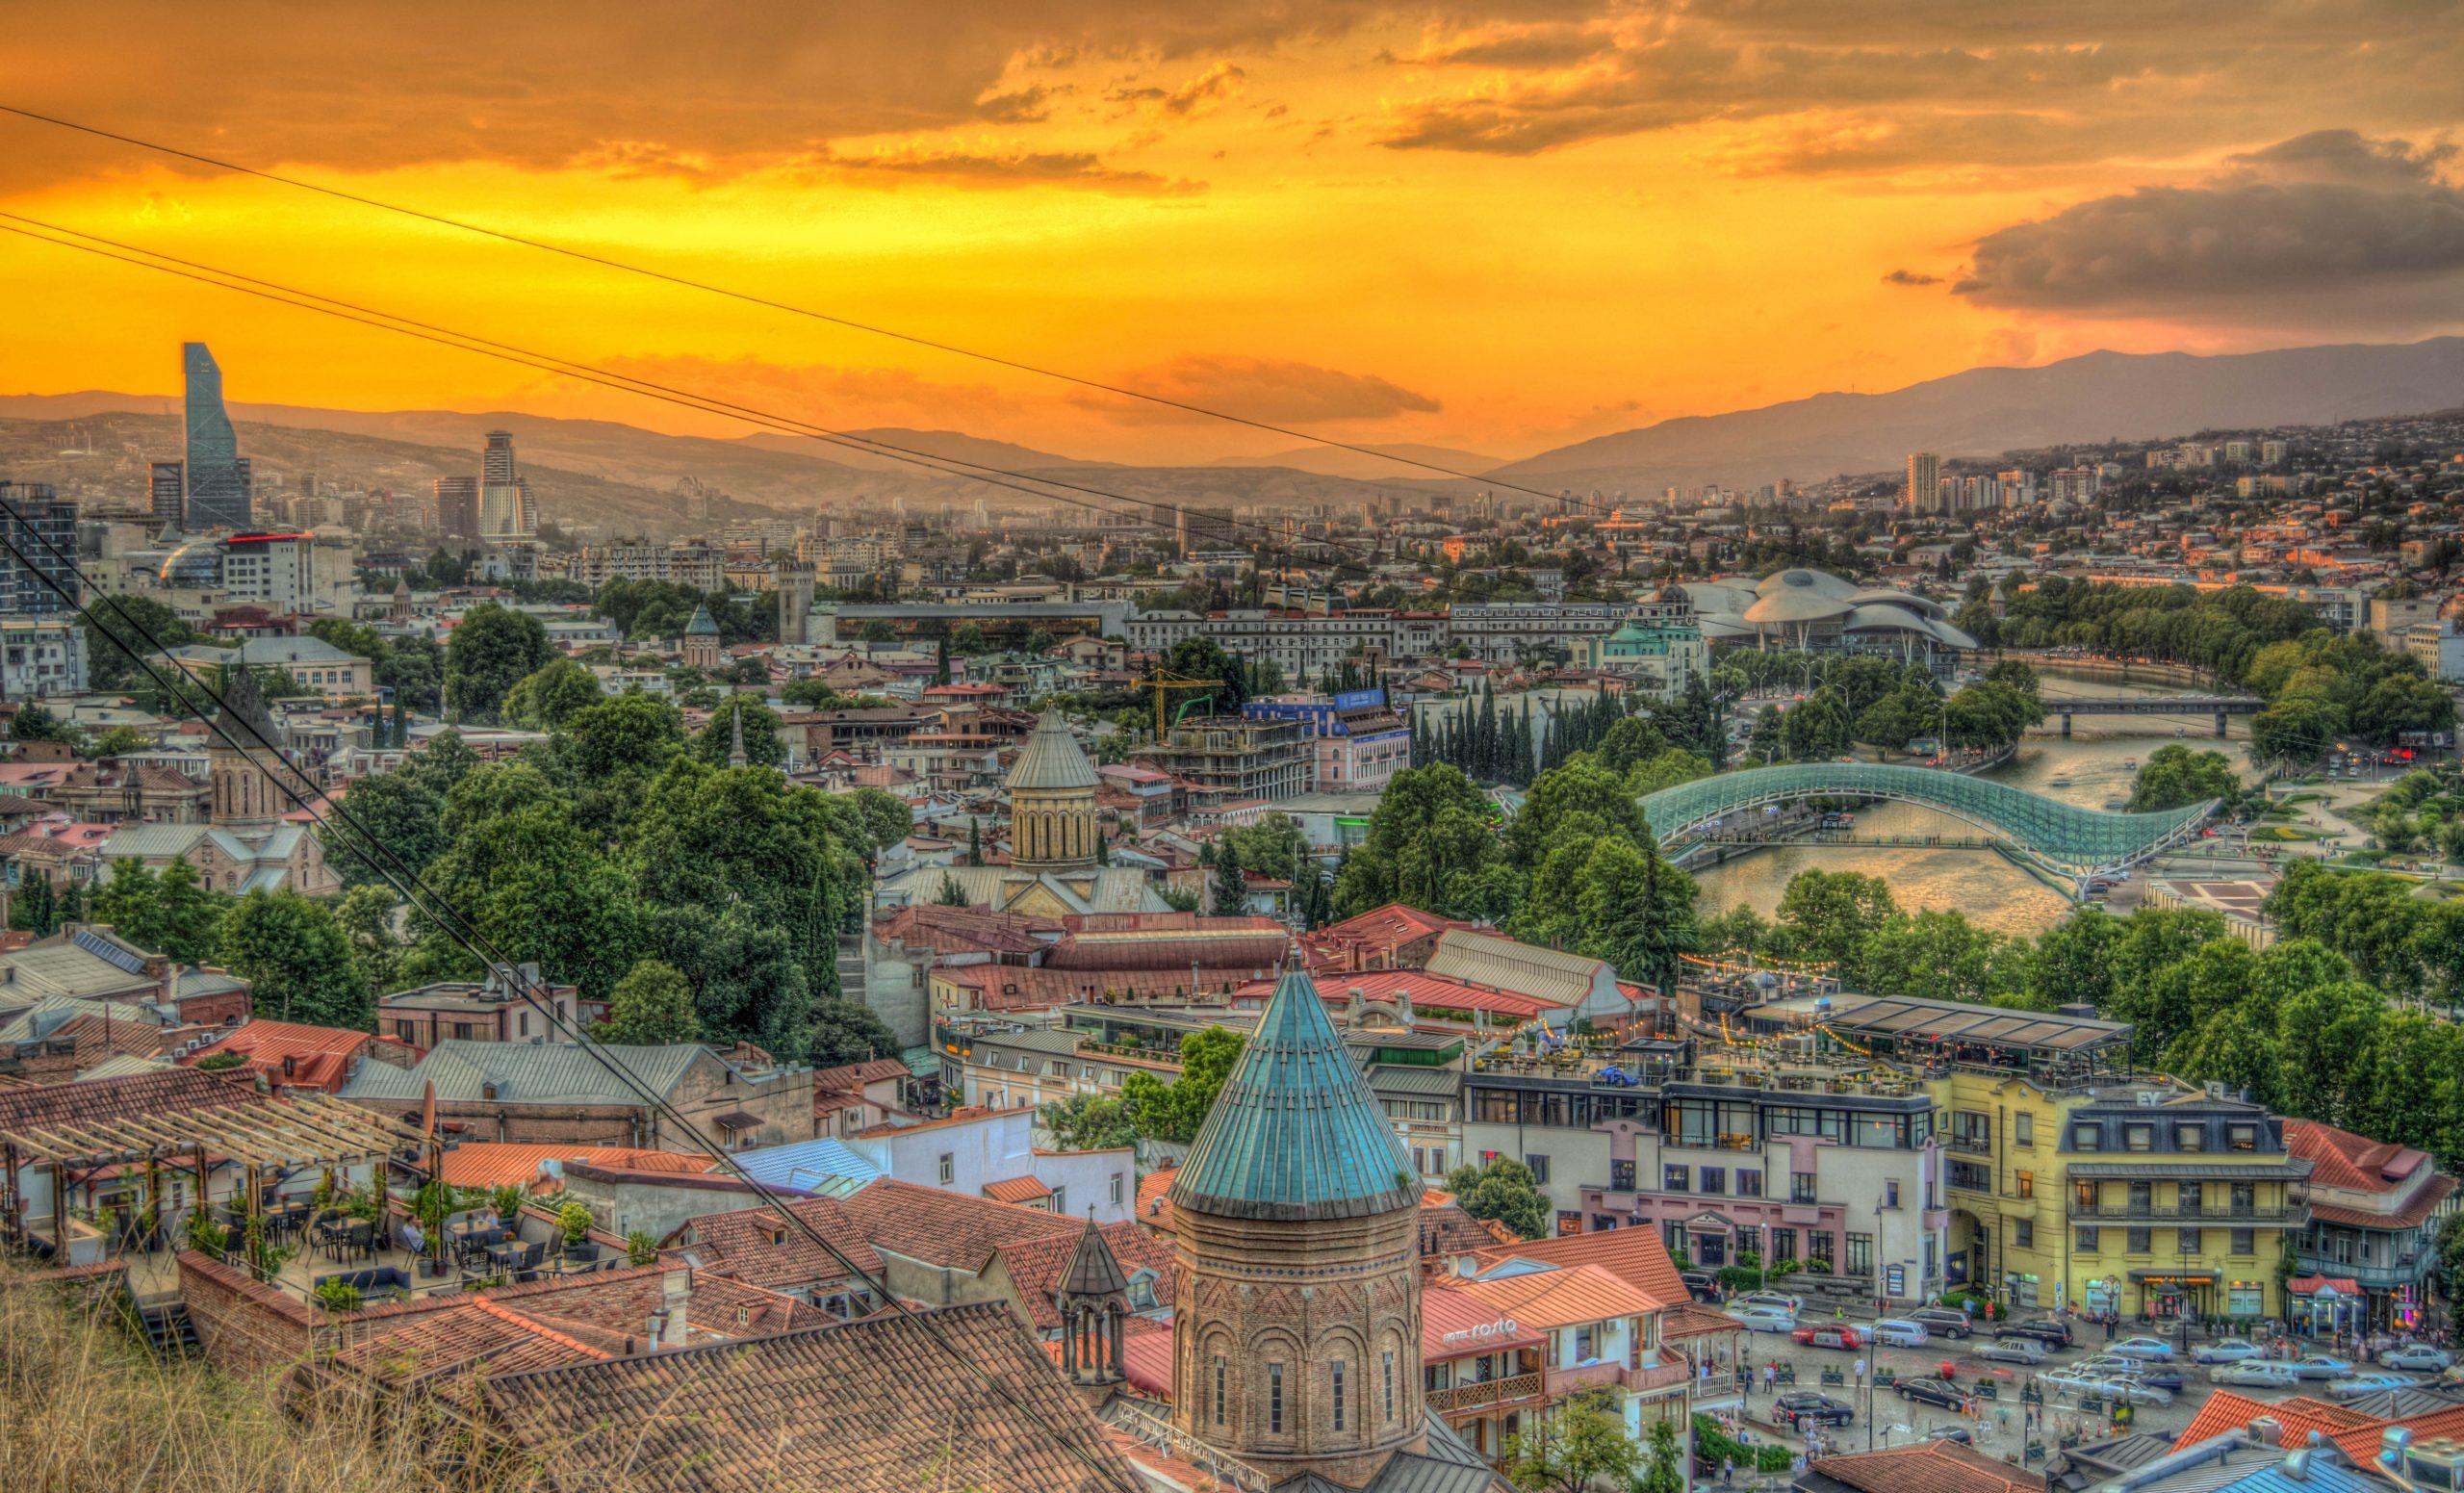 Regiones de Georgia: Tiflis o Tbilisi (Capital: Tiflis o Tbilisi)